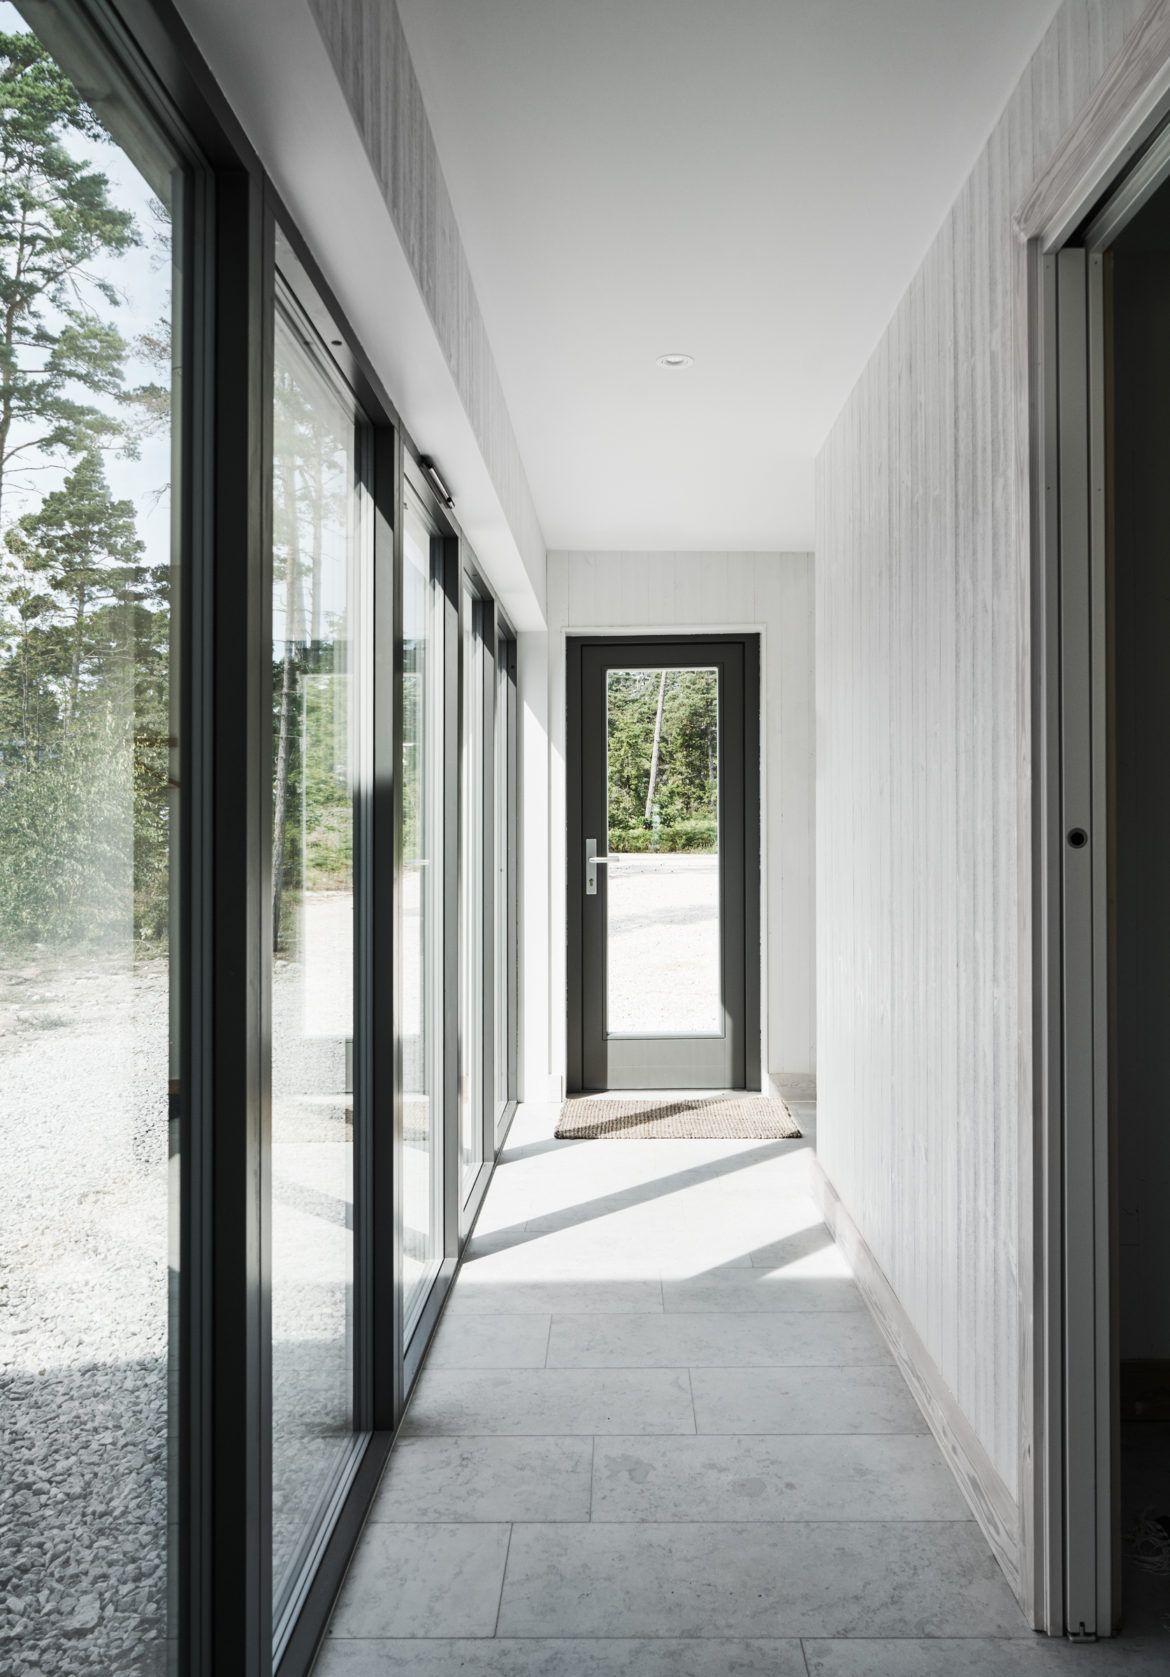 La Maison De La Suede maison de mer versus suède par m-arkitektur | beautiful